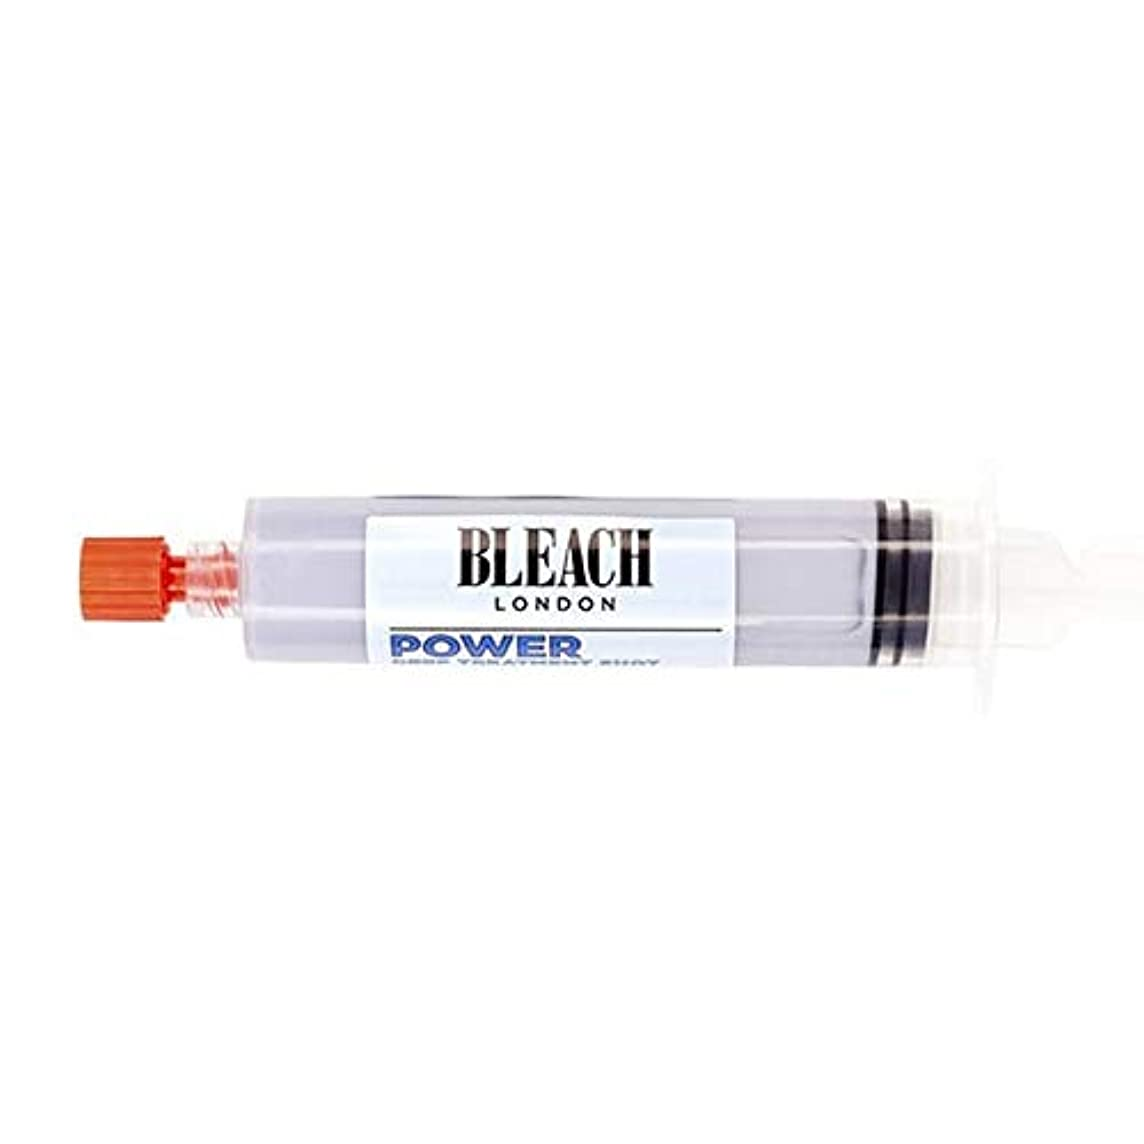 狂気匿名ひまわり[Bleach London ] 漂白ロンドン治療ショット - ディープパワー - Bleach London Treatment Shot - Power Deep [並行輸入品]